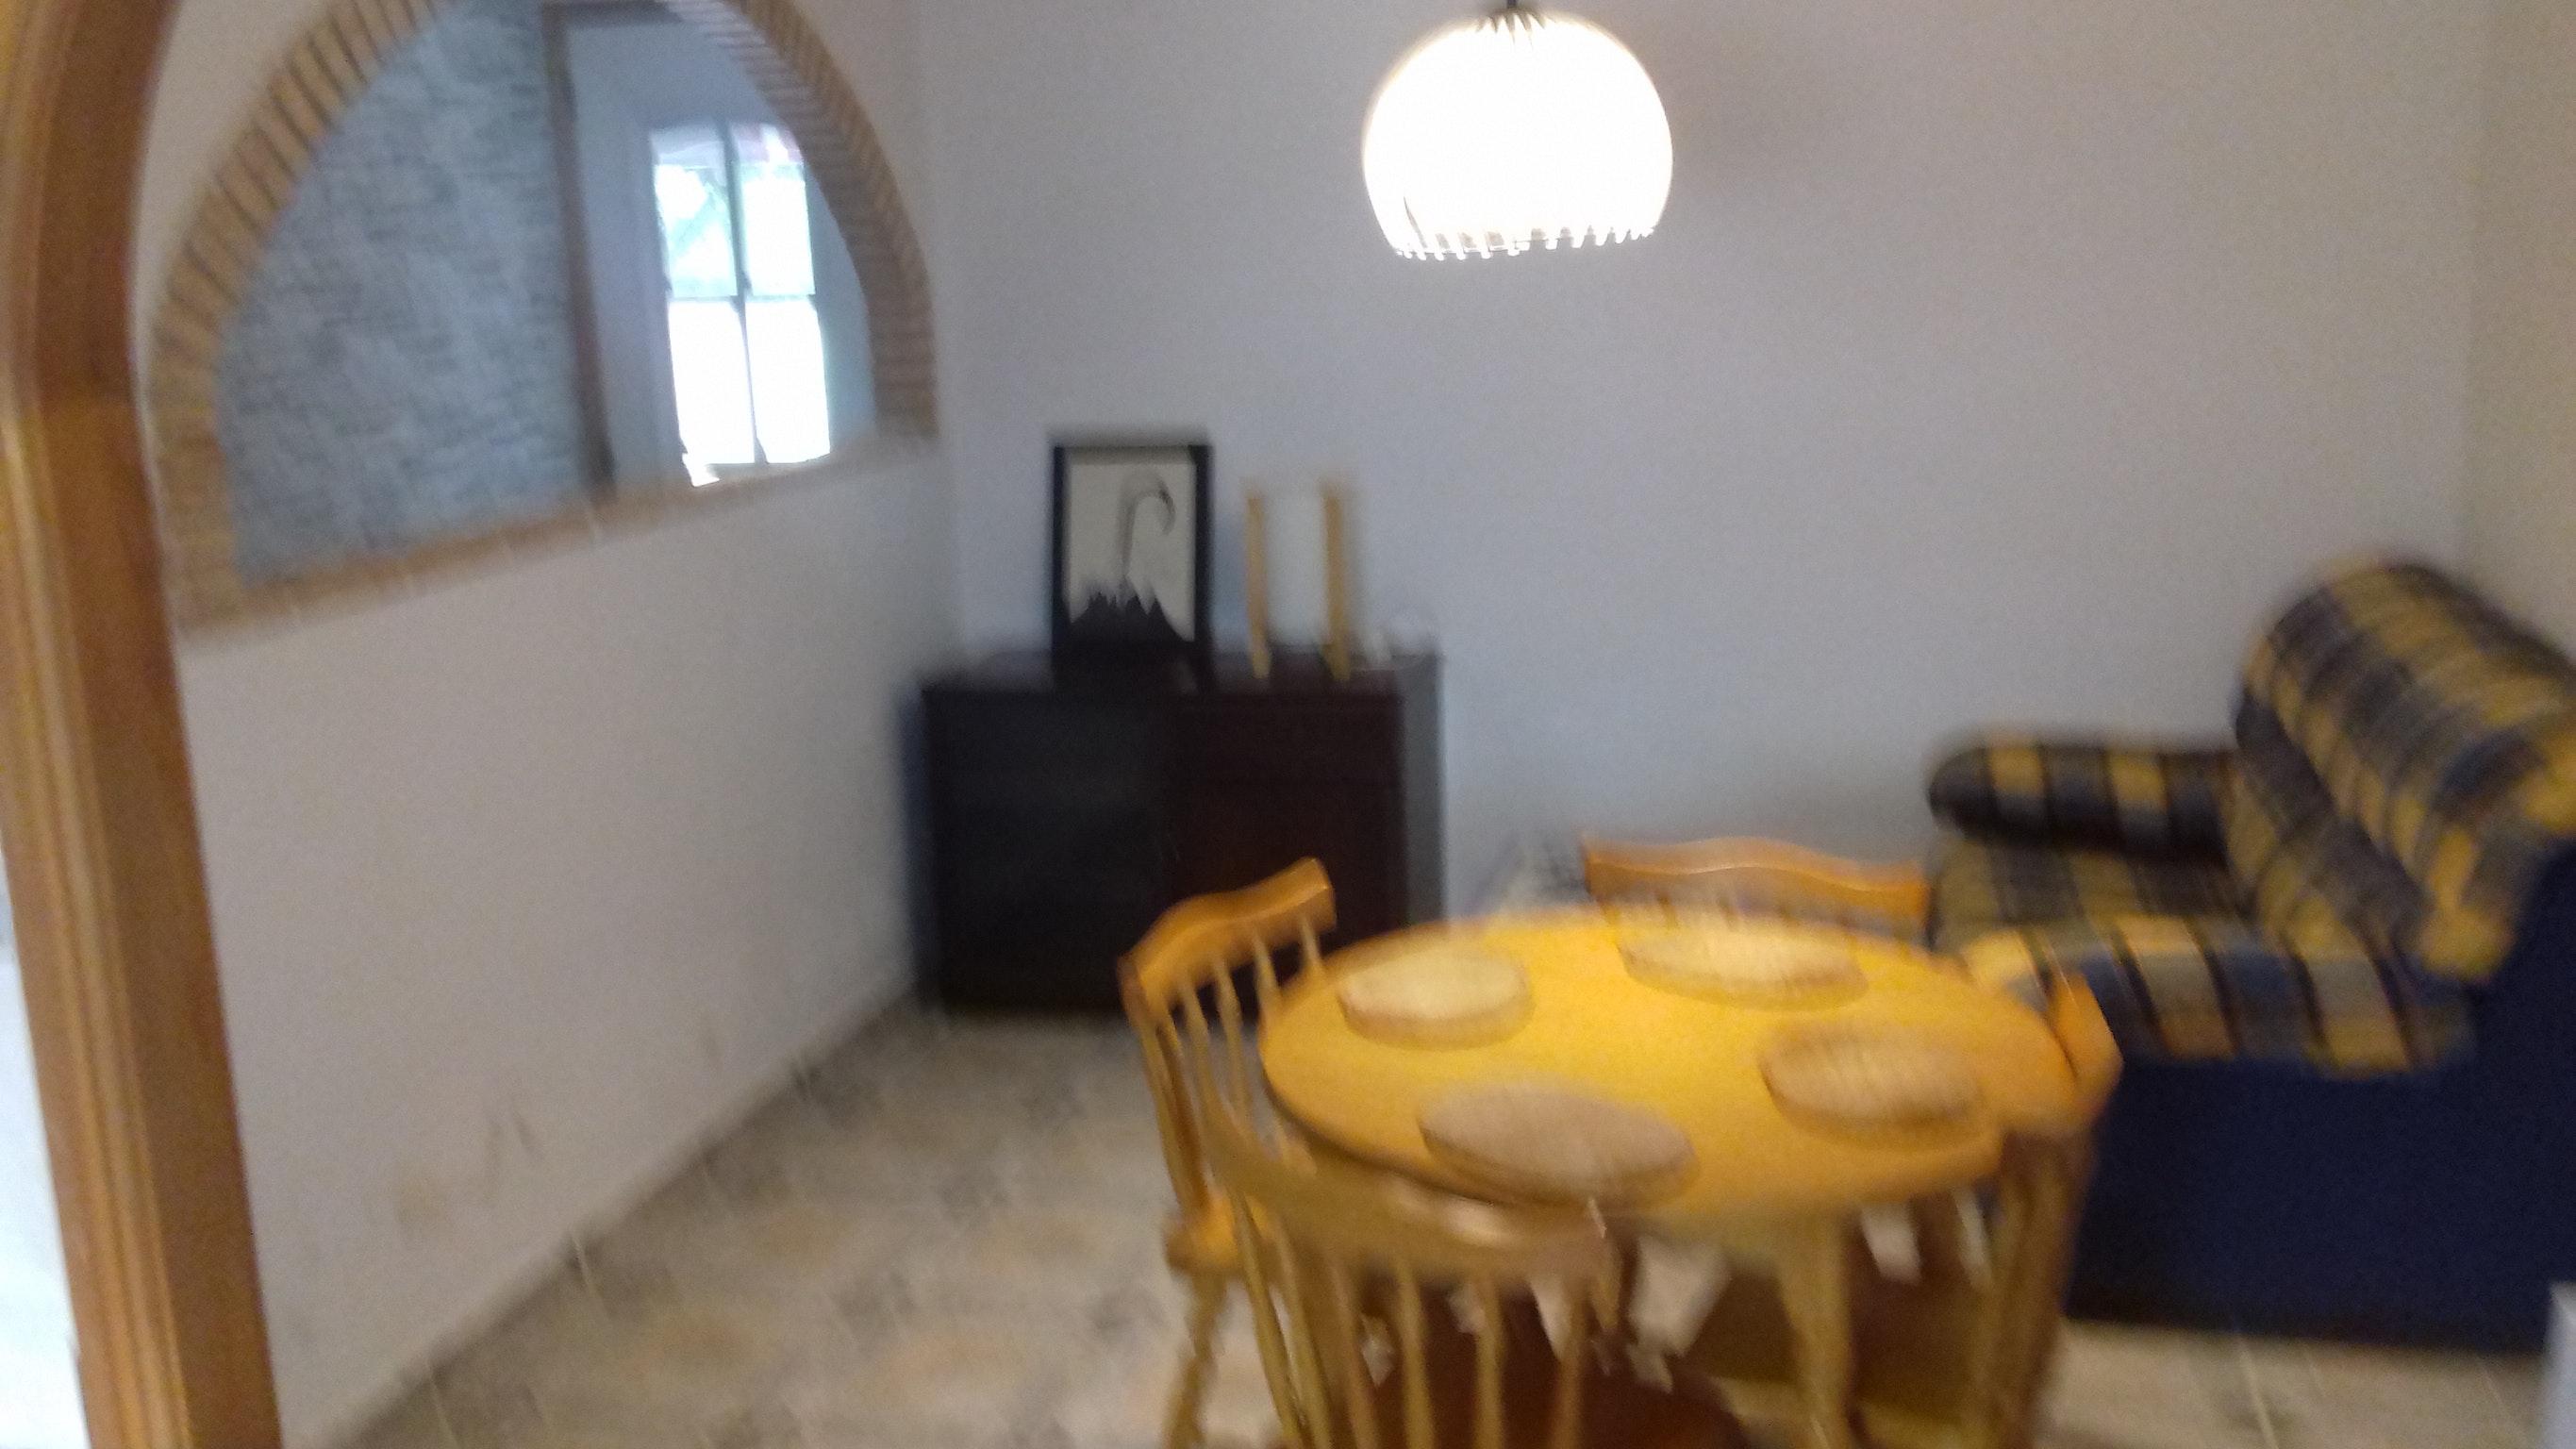 Maison de vacances Villa mit 2 Schlafzimmern in Mazarrón mit toller Aussicht auf die Berge, privatem Pool, ei (2632538), Mazarron, Costa Calida, Murcie, Espagne, image 20